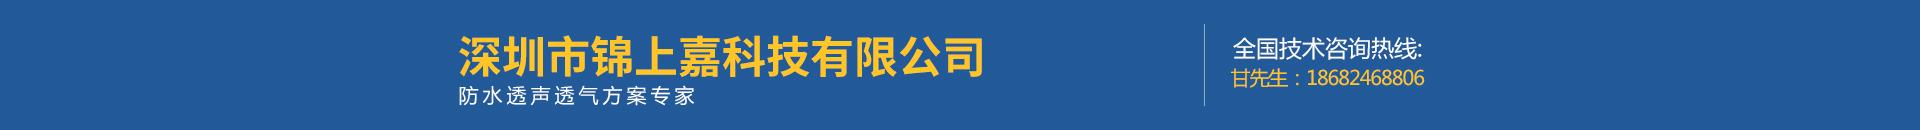 深圳市锦上嘉科技有限公司